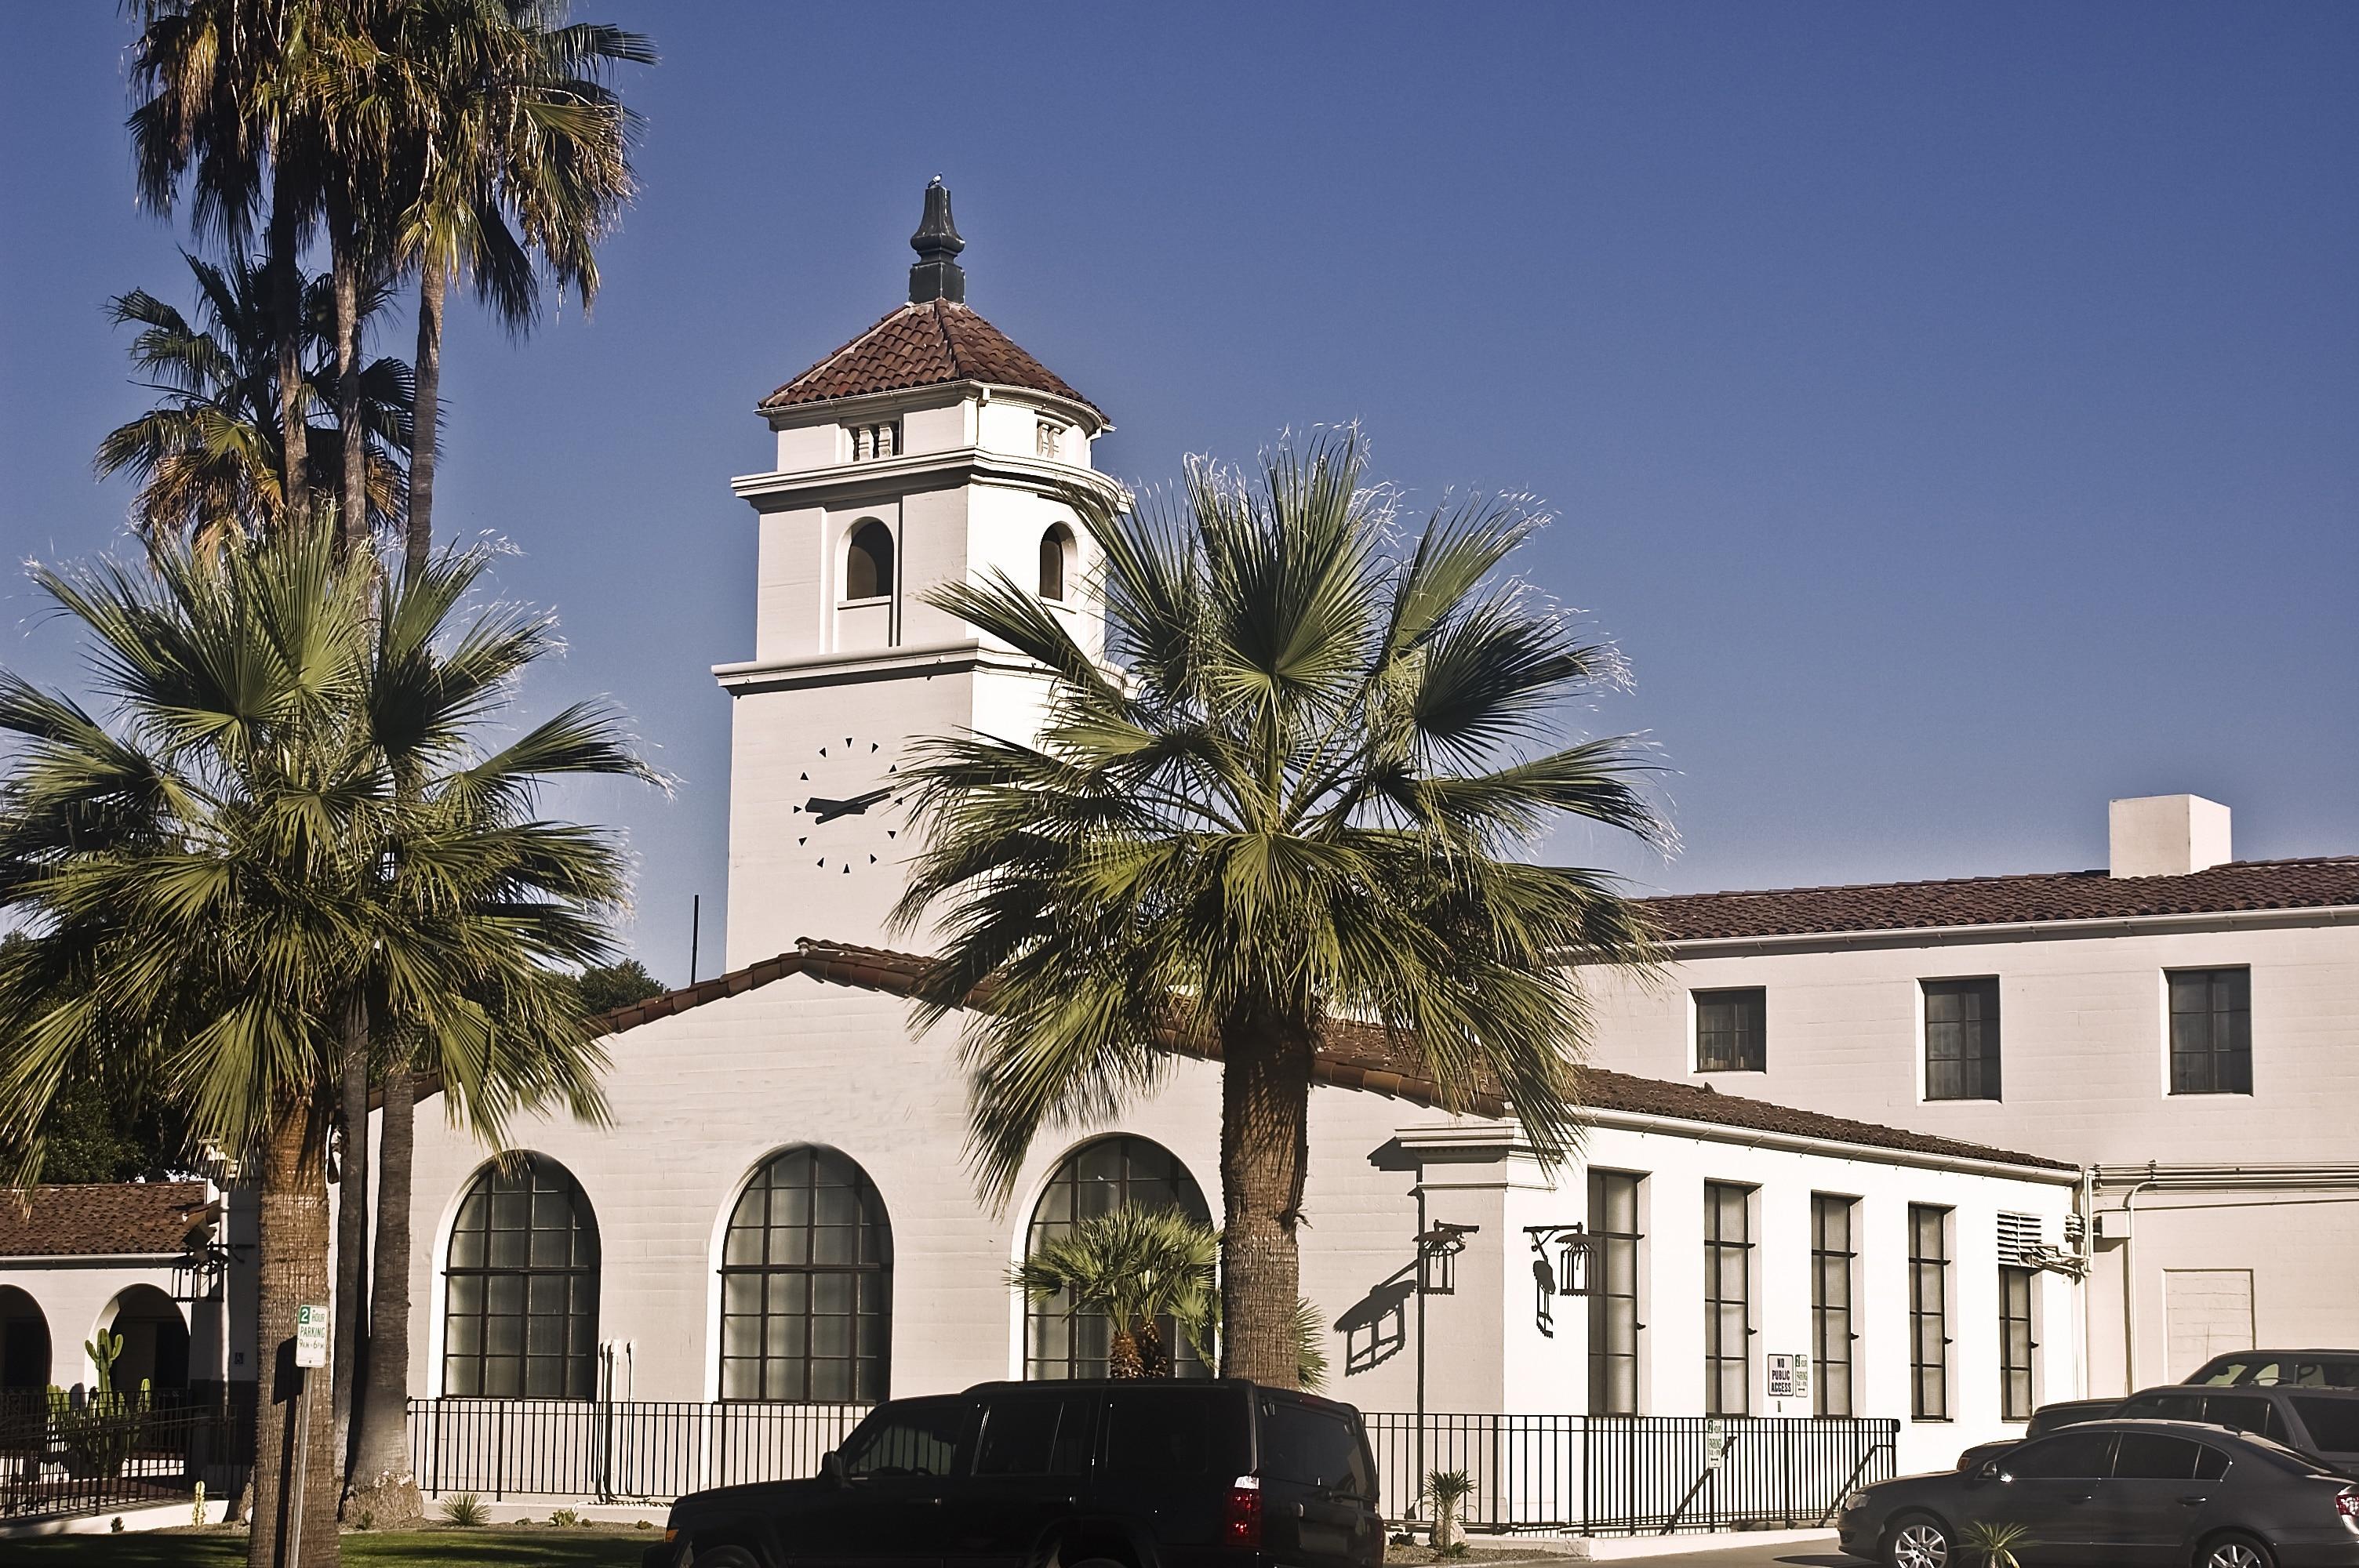 Fullerton, California, United States of America